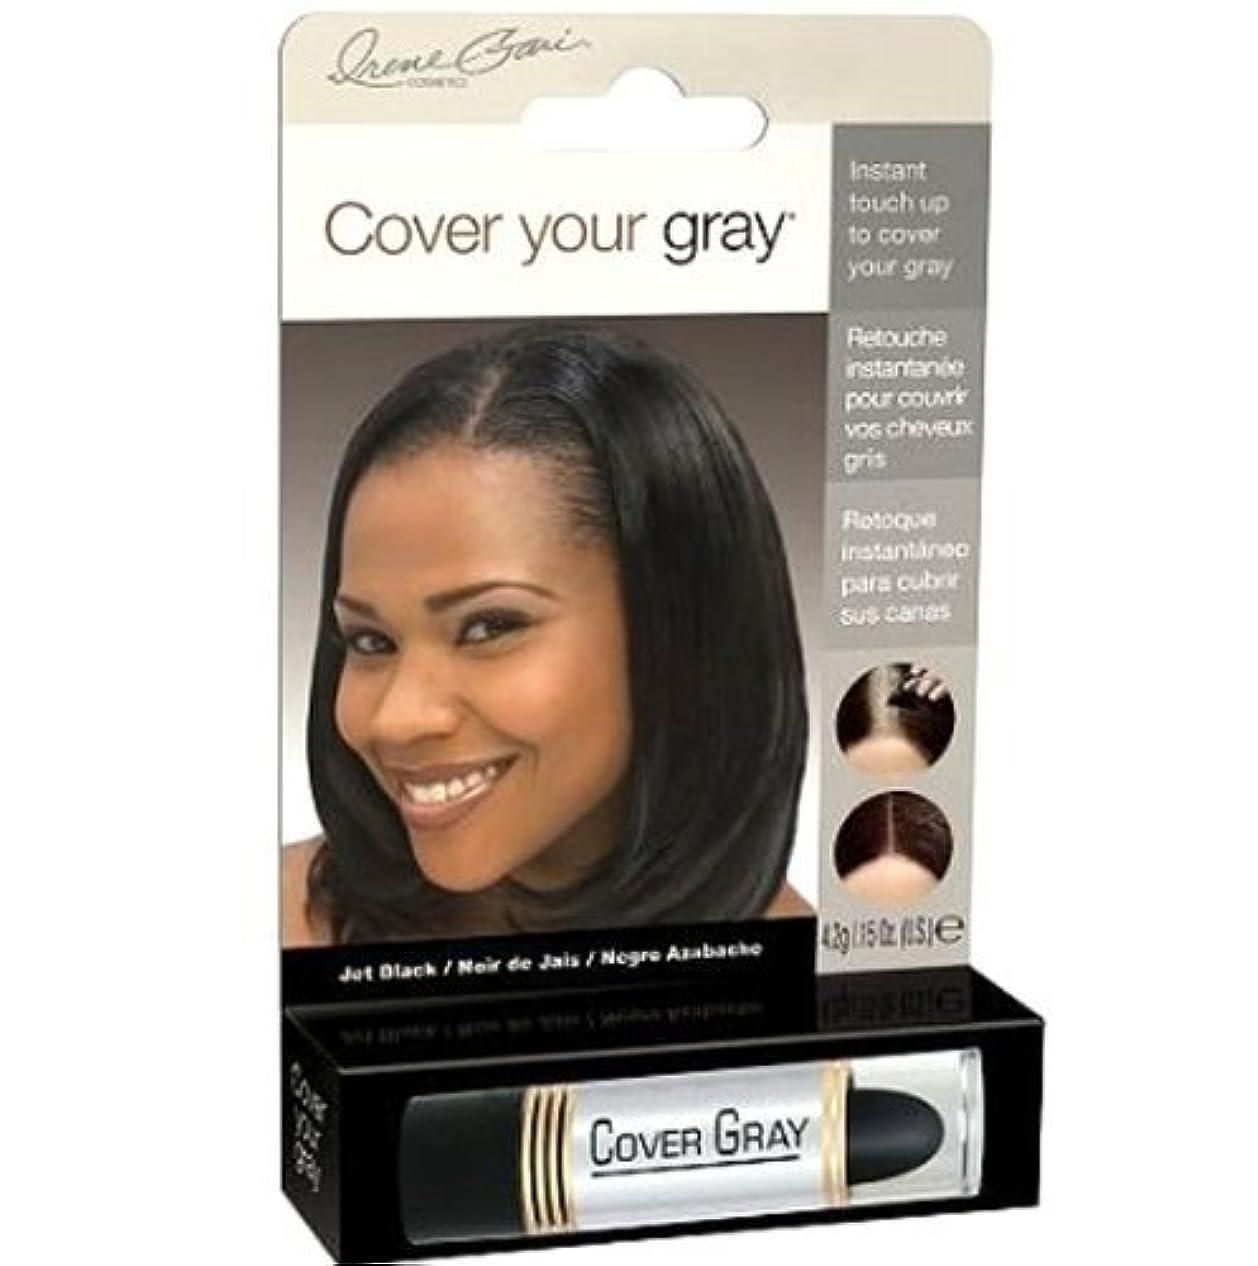 時間とともに浮くパスタCover Your Gray Instant Touch Up Stick JET BLACK by creme gari cosmetics